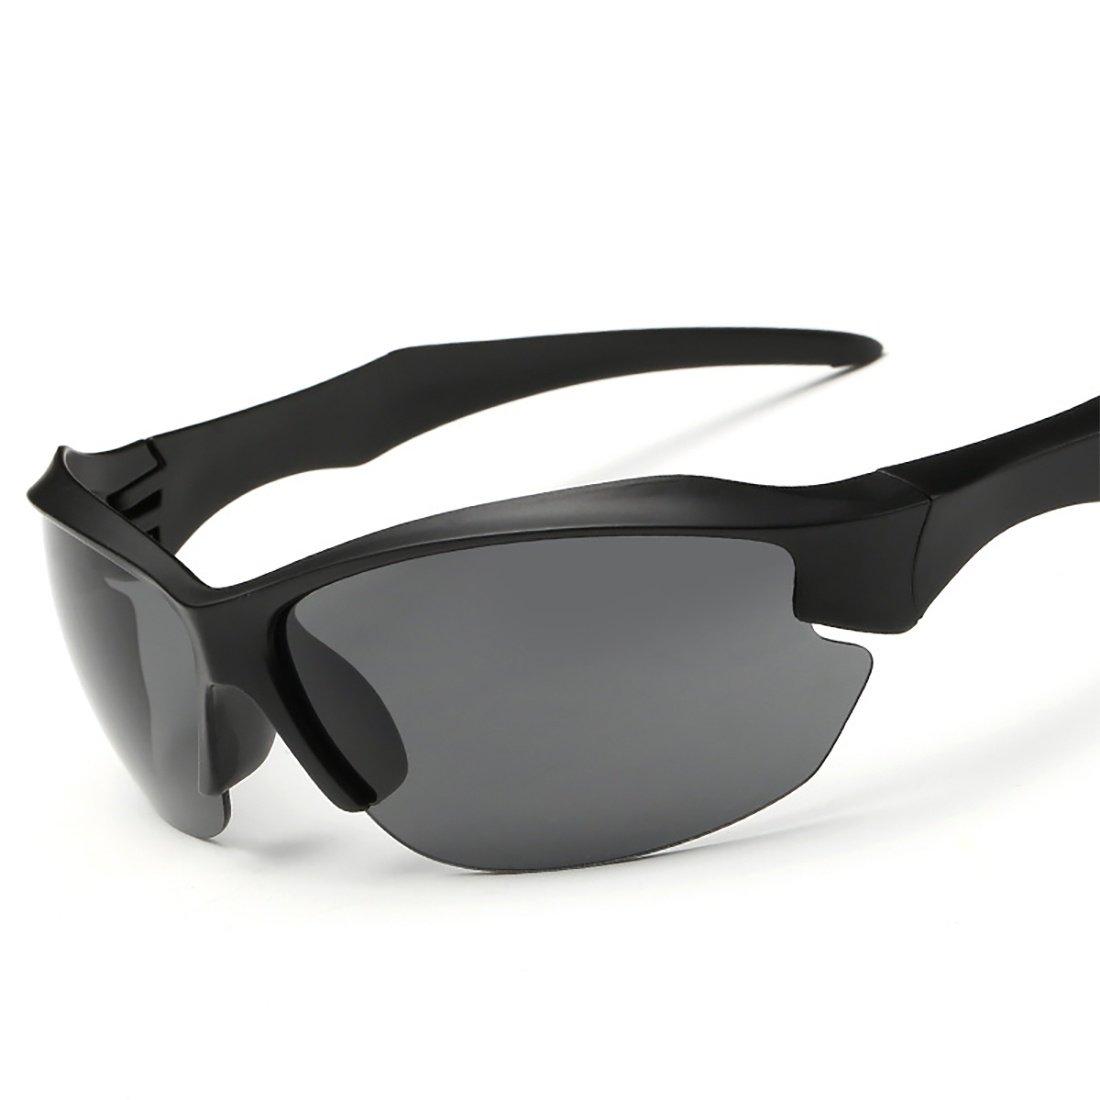 Surface MAX Gafas Deportivas Unisexo Espejo de Montar al Aire Libre Gafas Deportivas HD Gafas a Prueba de Viento anti-UV400 Material de PC